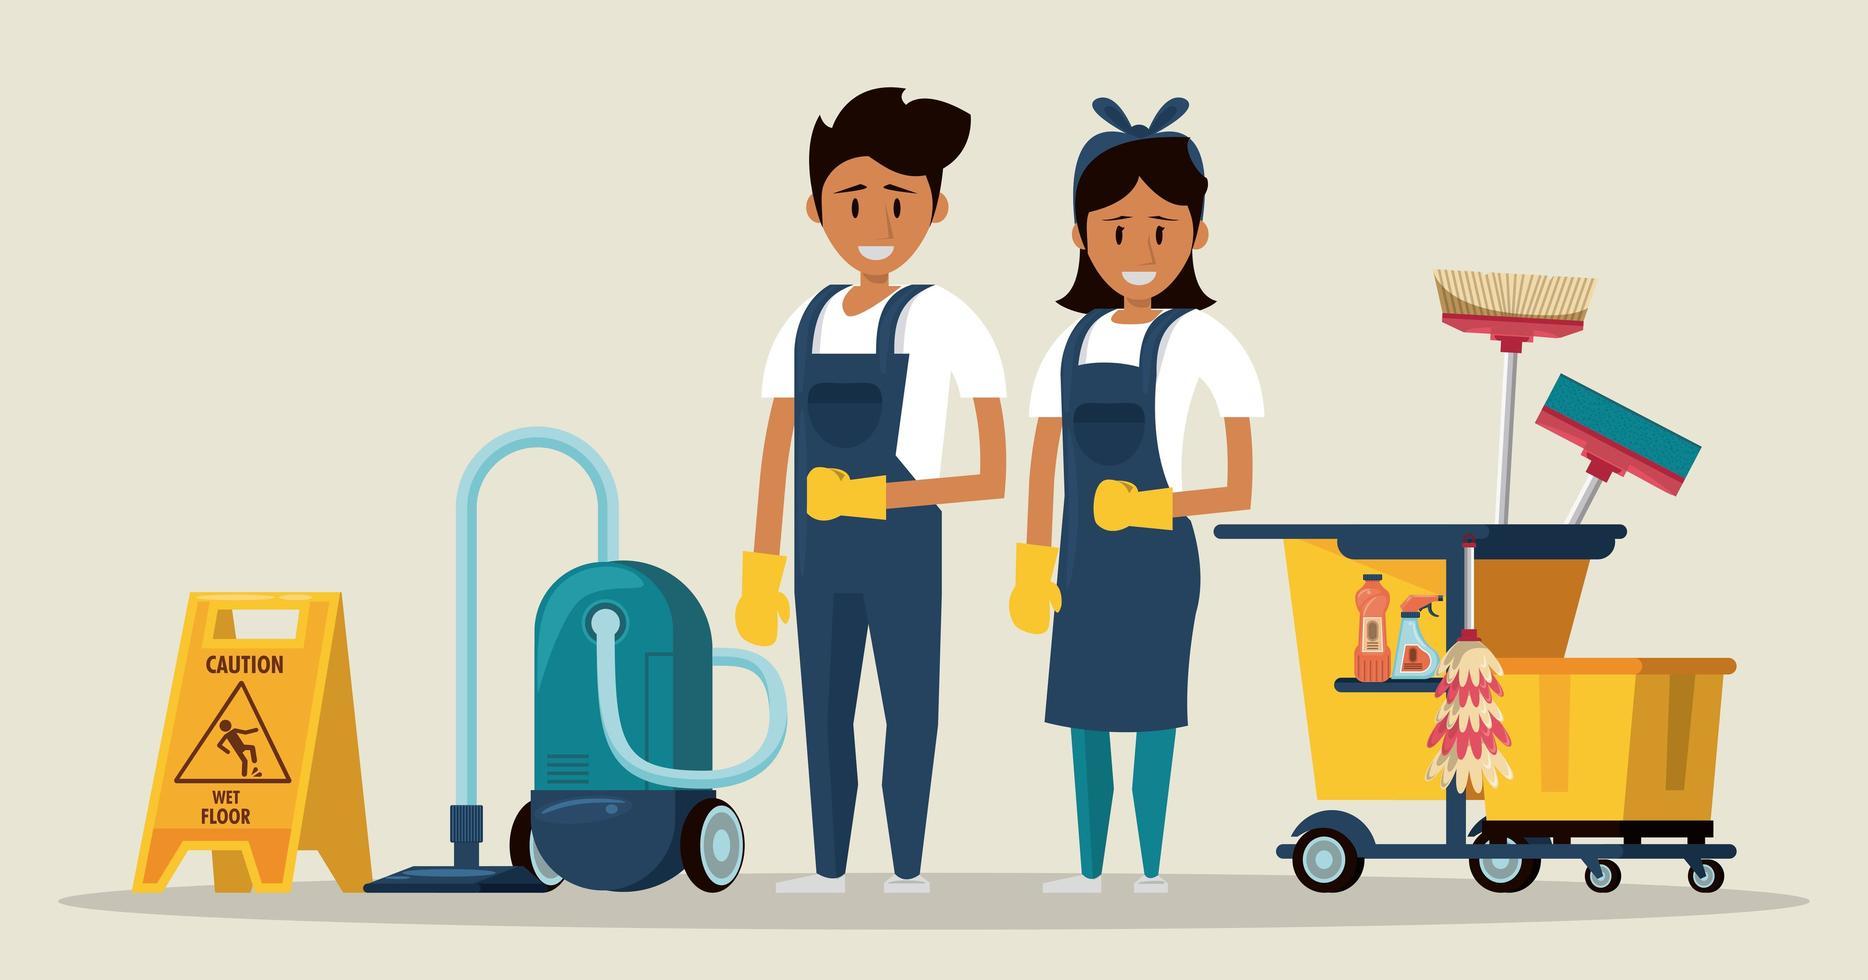 Nettoyeurs avec des produits de nettoyage service d'entretien ménager vecteur